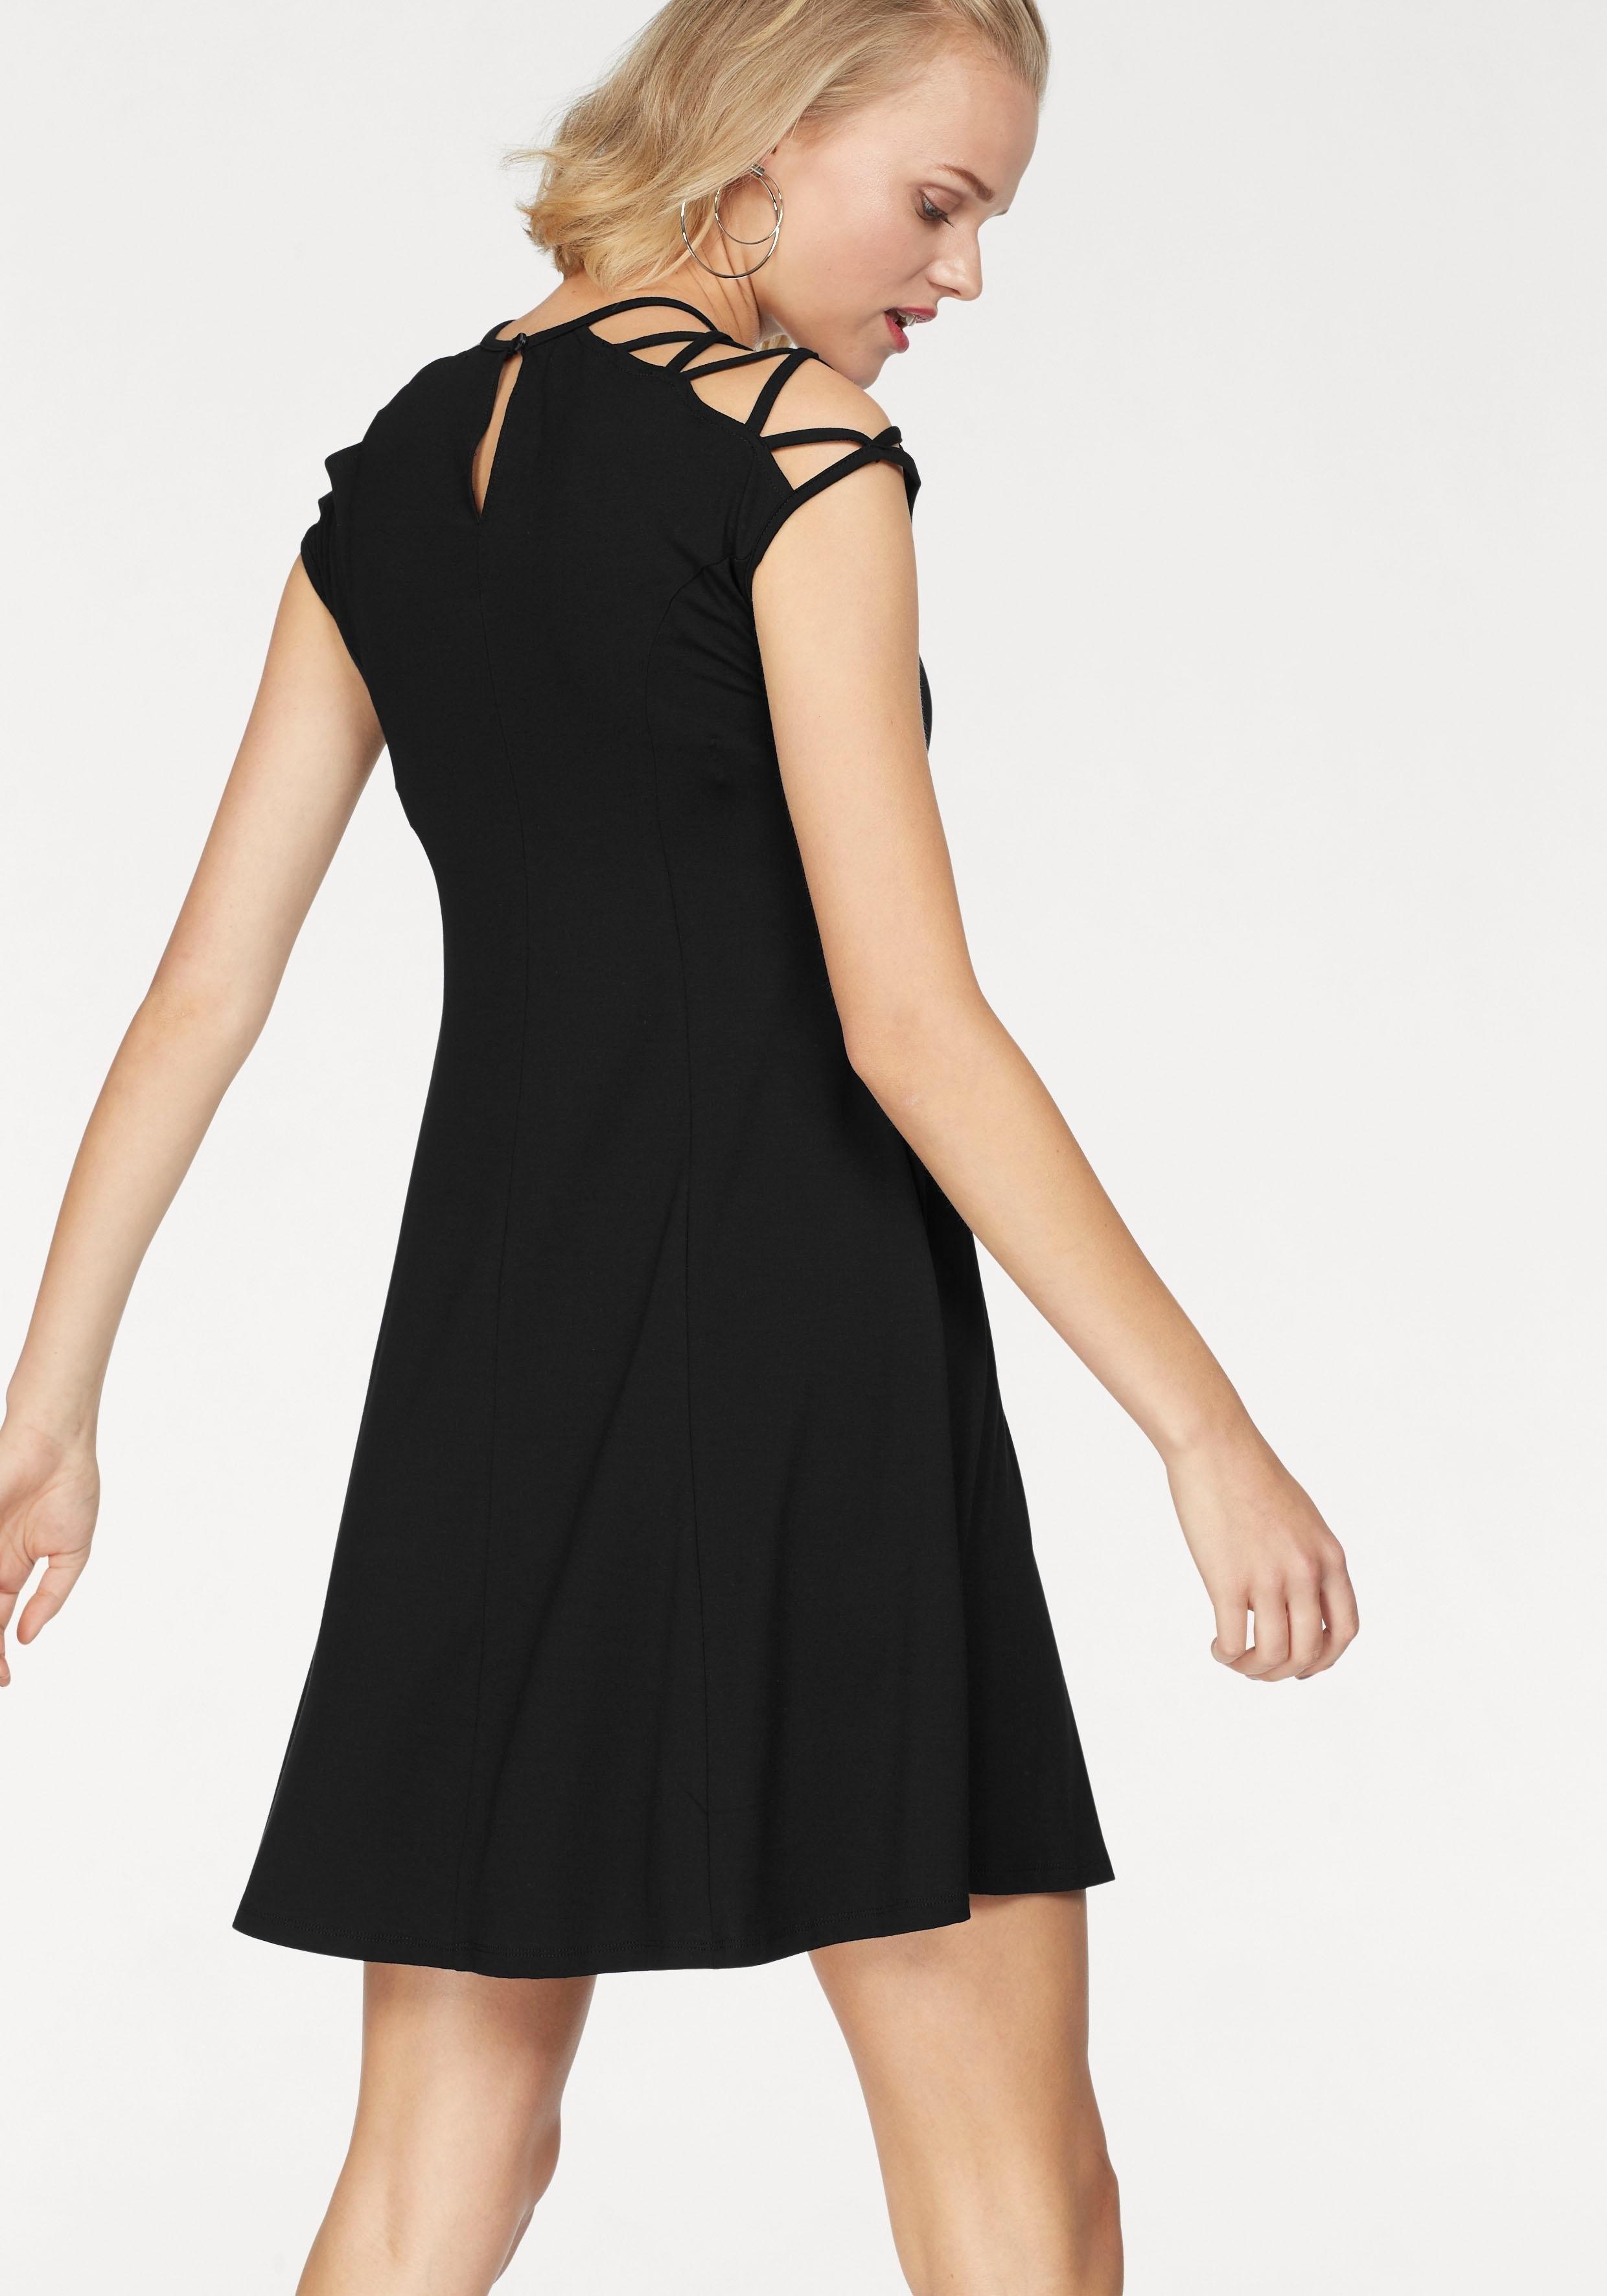 c463d46daae693 AJC jurk in A-lijn online bestellen